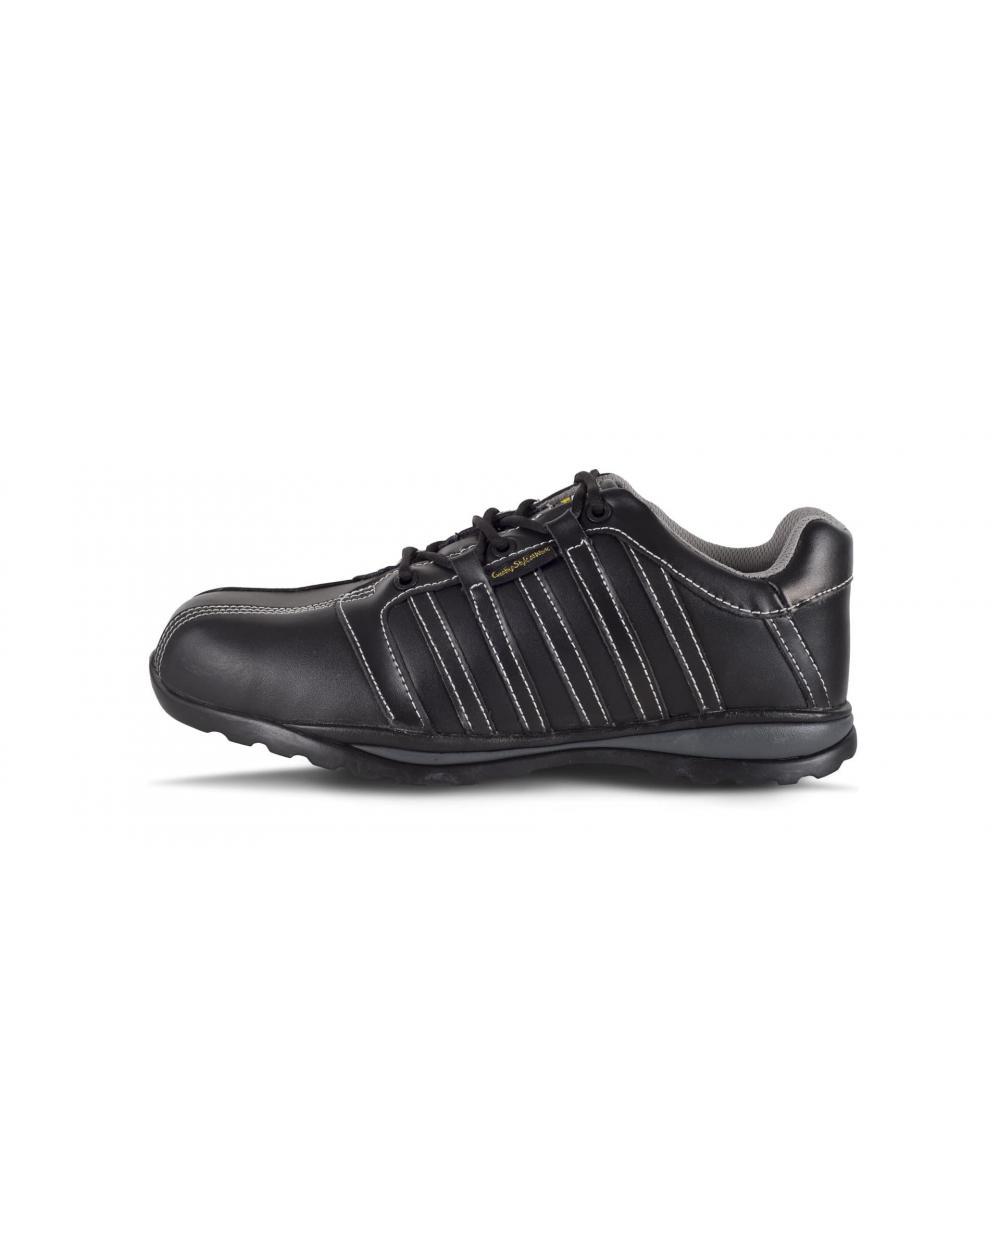 Comprar Zapatos de trabajo de piel S1+P P3006 Negro workteam 1